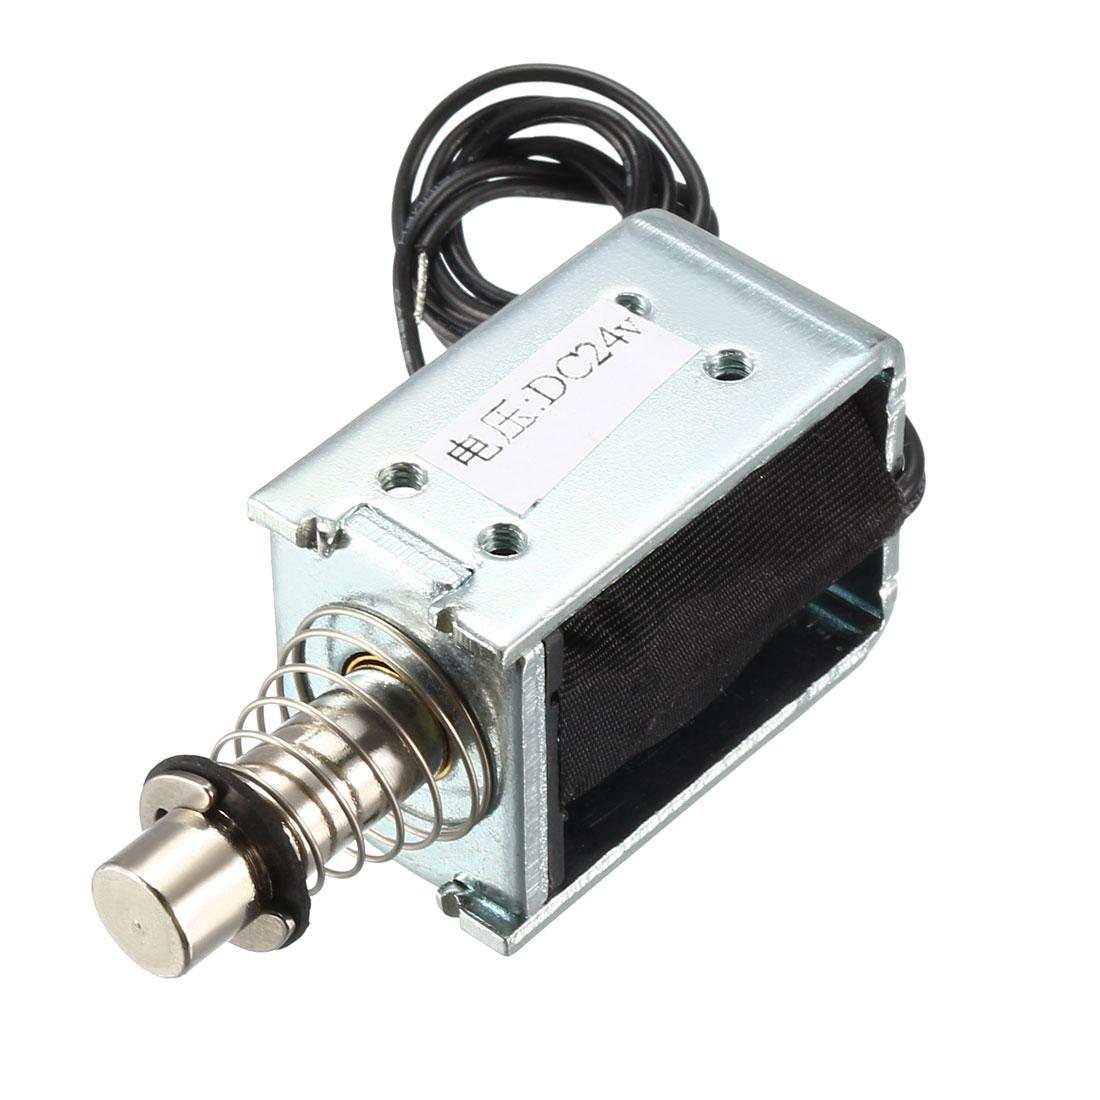 DC24V 10mm Pull Push Solenoid Electromagnet,5mm/250g,Open Frame,Linear Motion